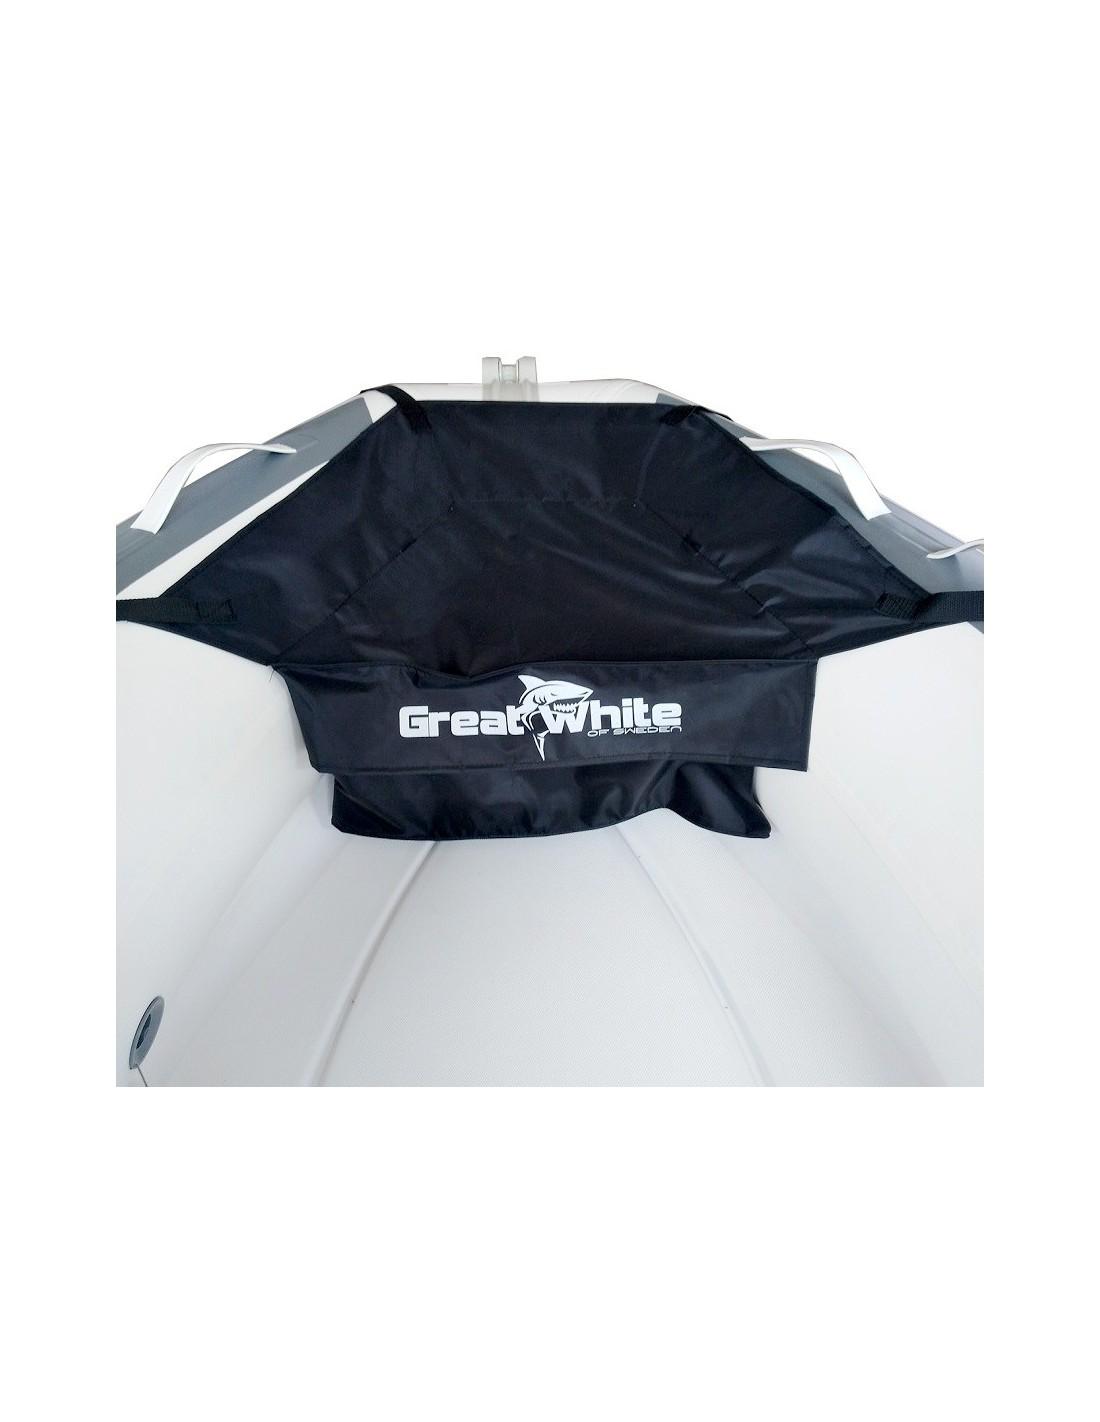 Greatwhite sits och förvaring till gummibåtar 230 - 330